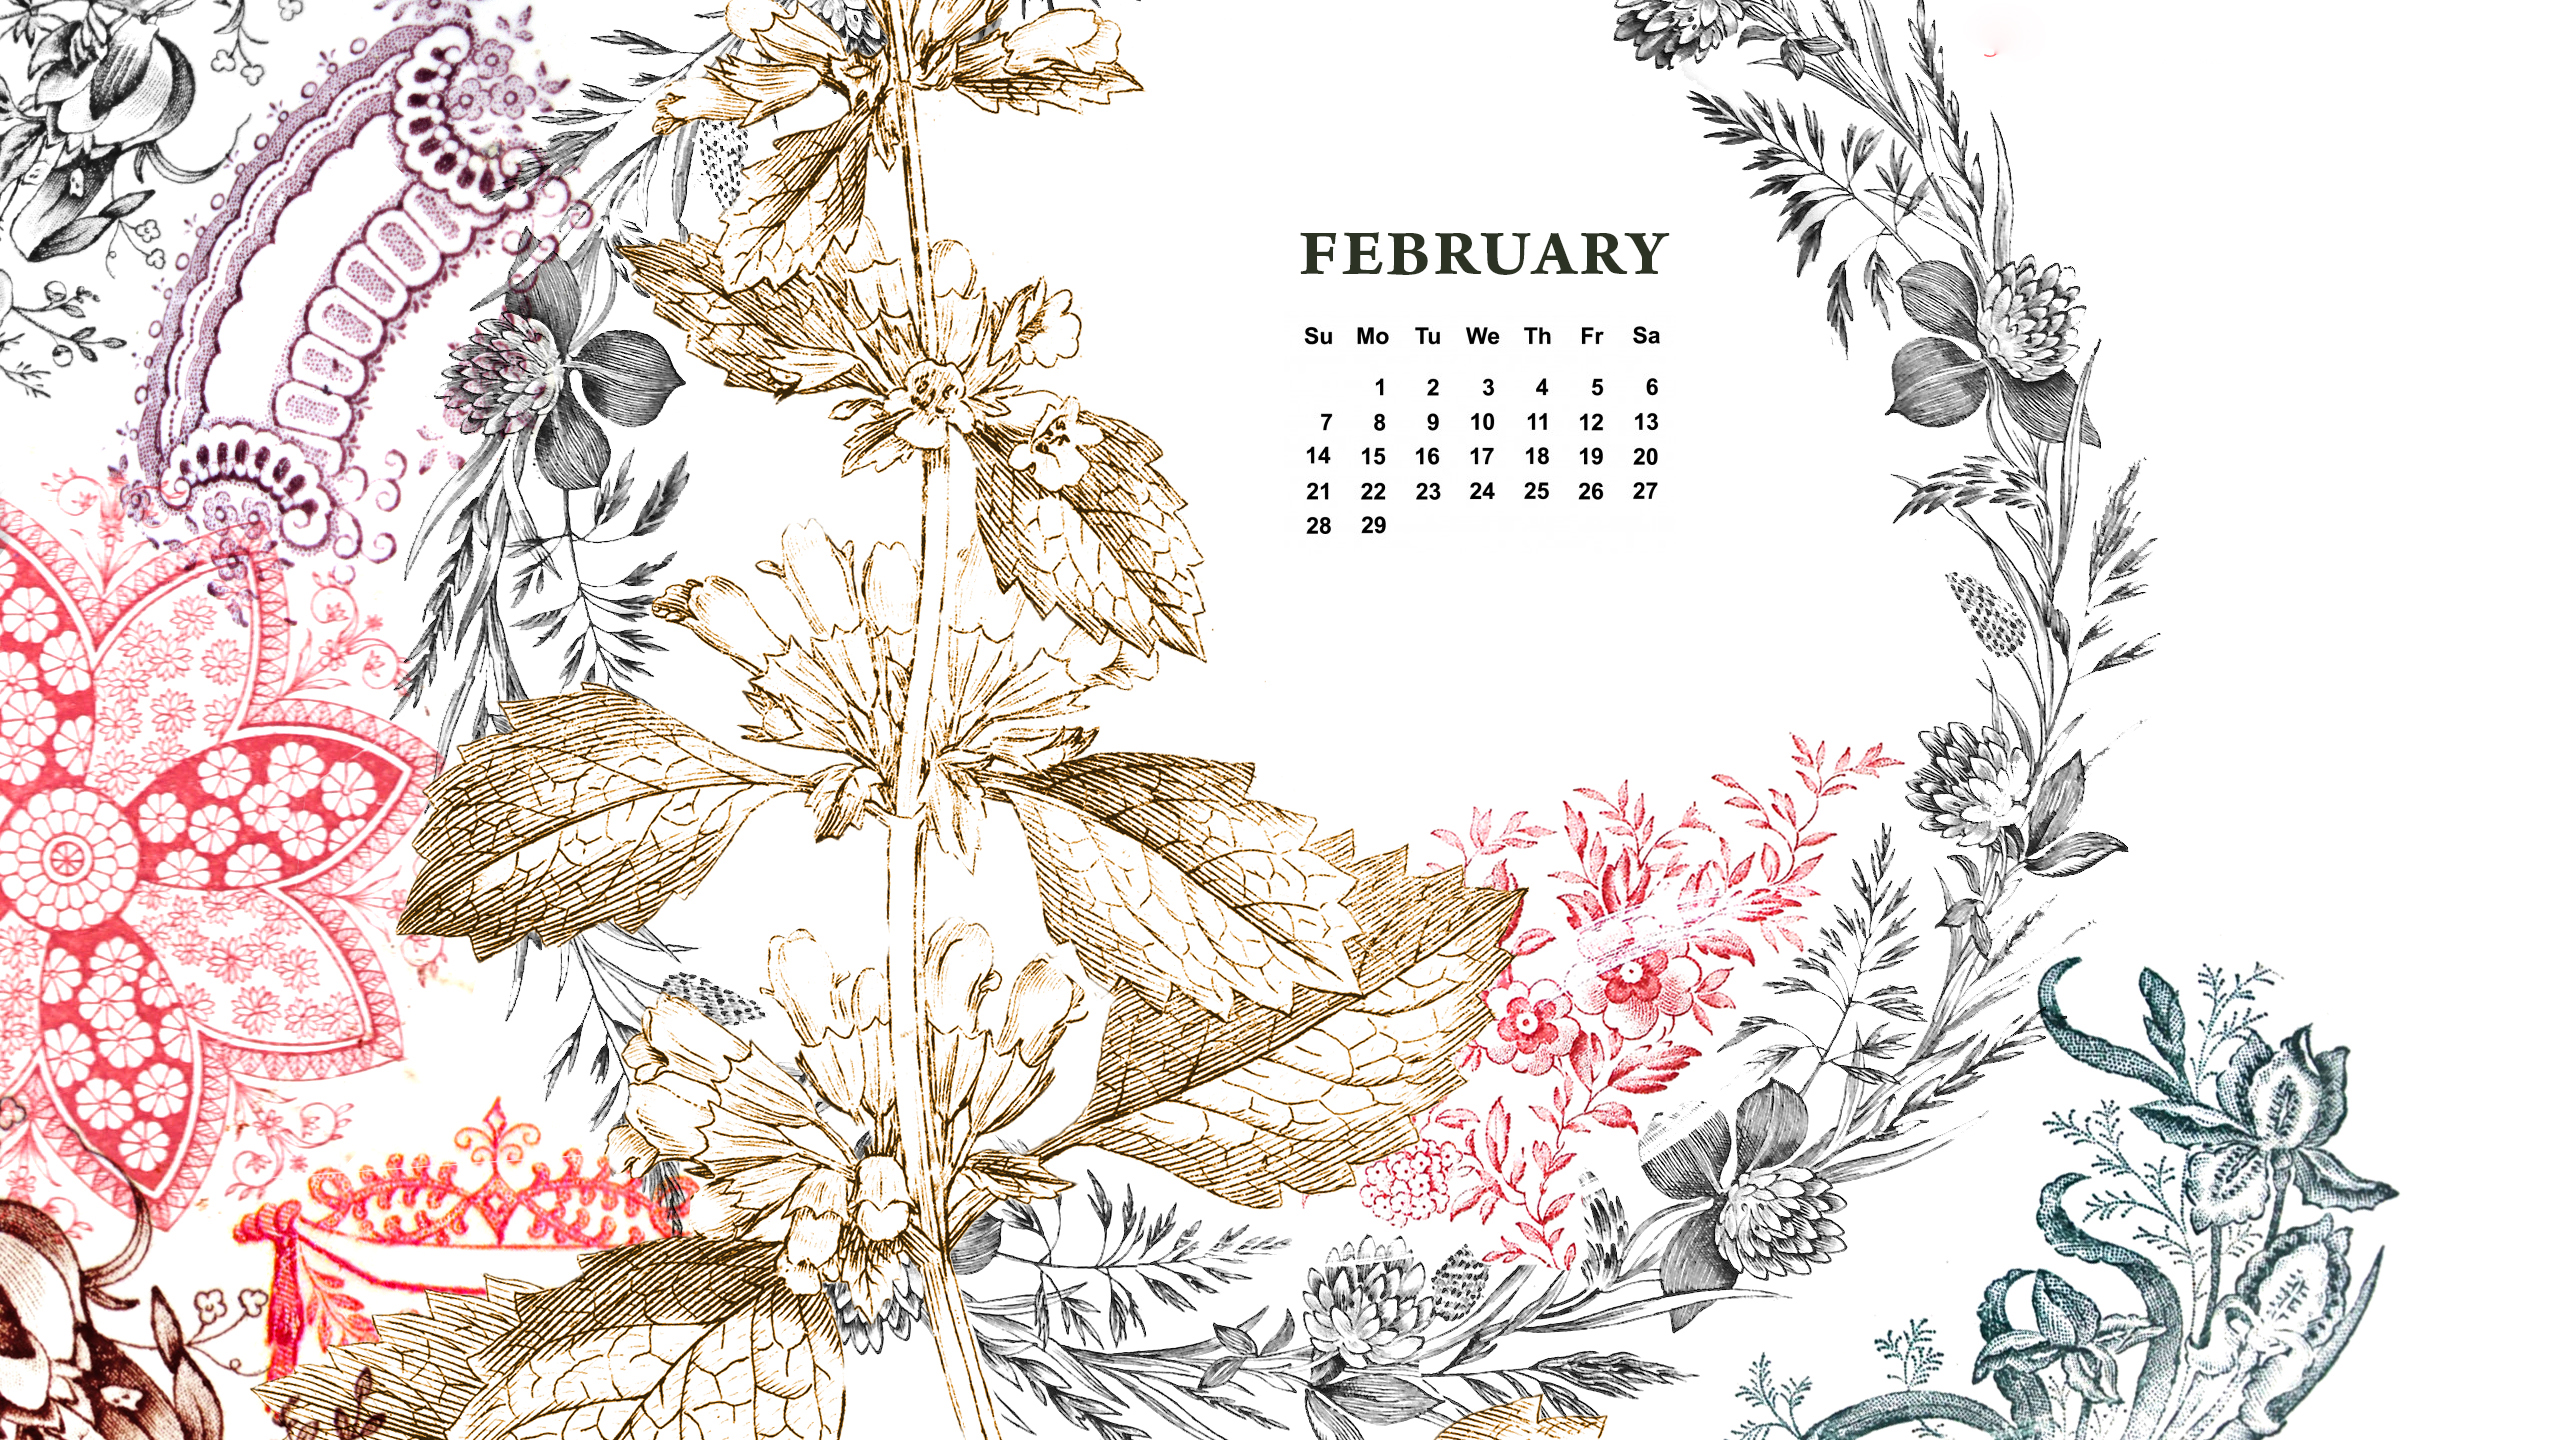 February Desktop Wallpapers HD 2560x1440